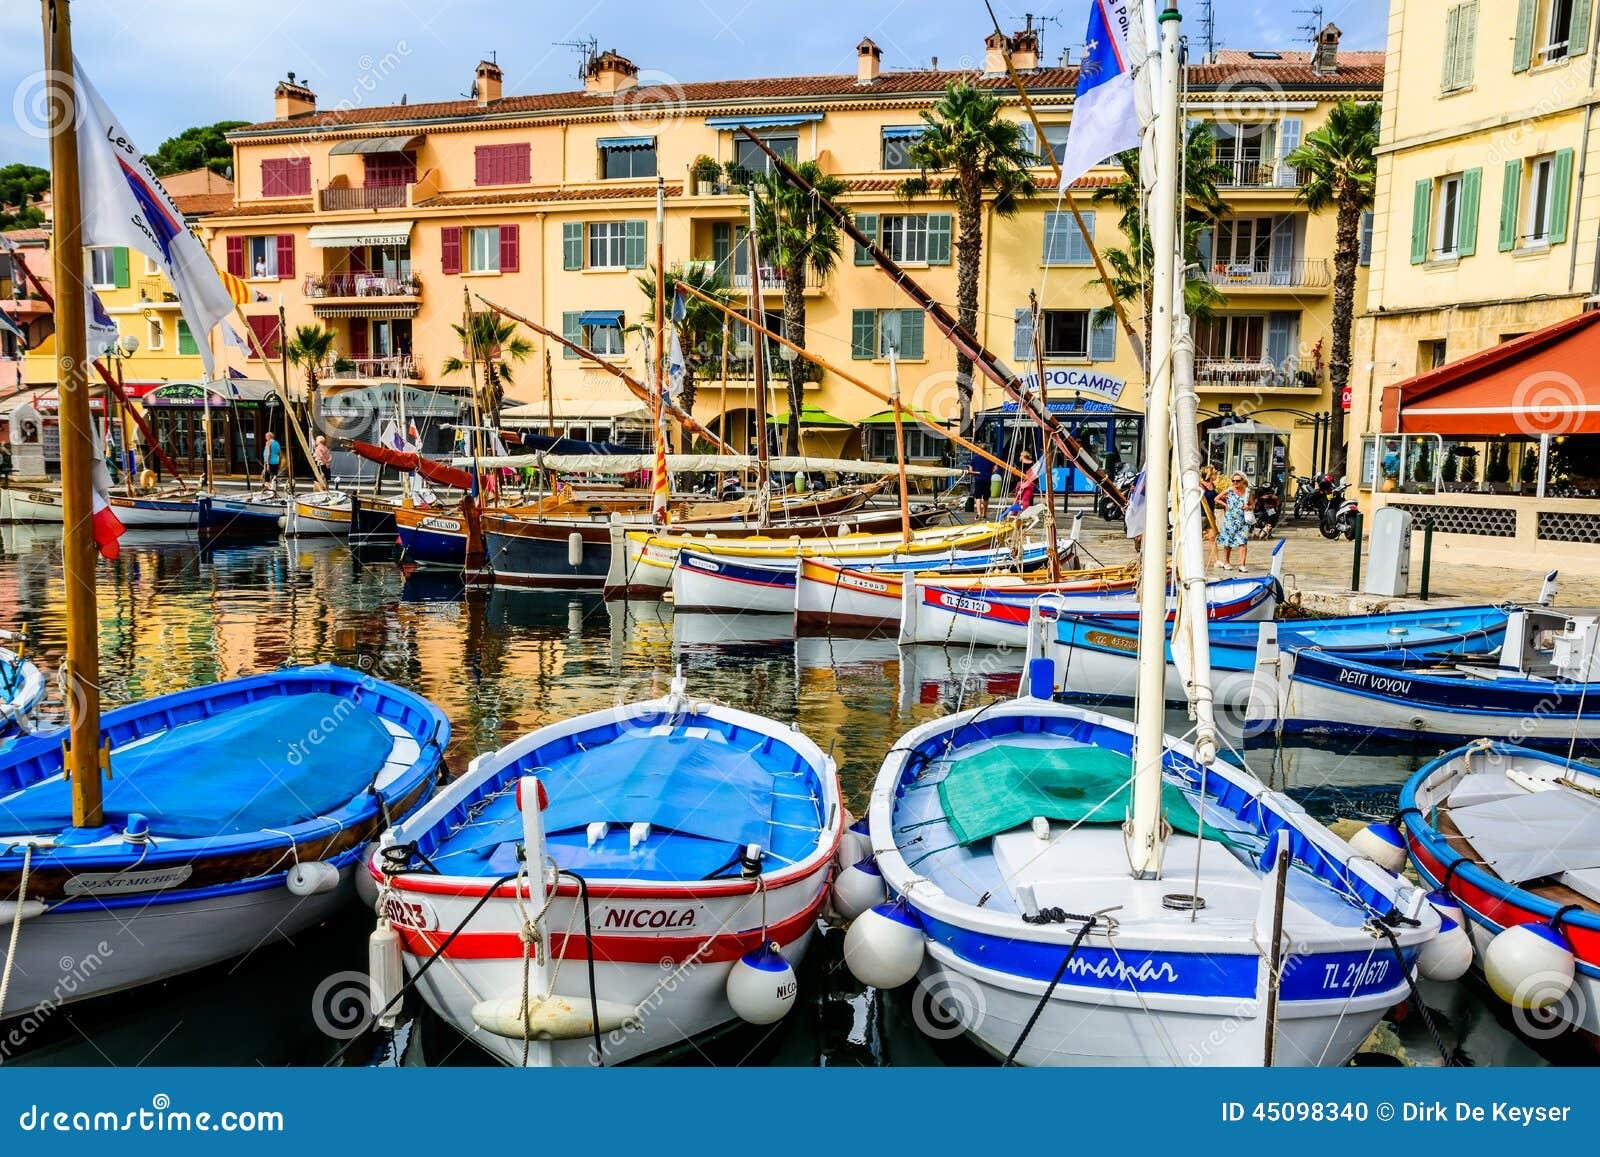 traditional boats in port of sanary sur mer var france editorial image image 45098340. Black Bedroom Furniture Sets. Home Design Ideas